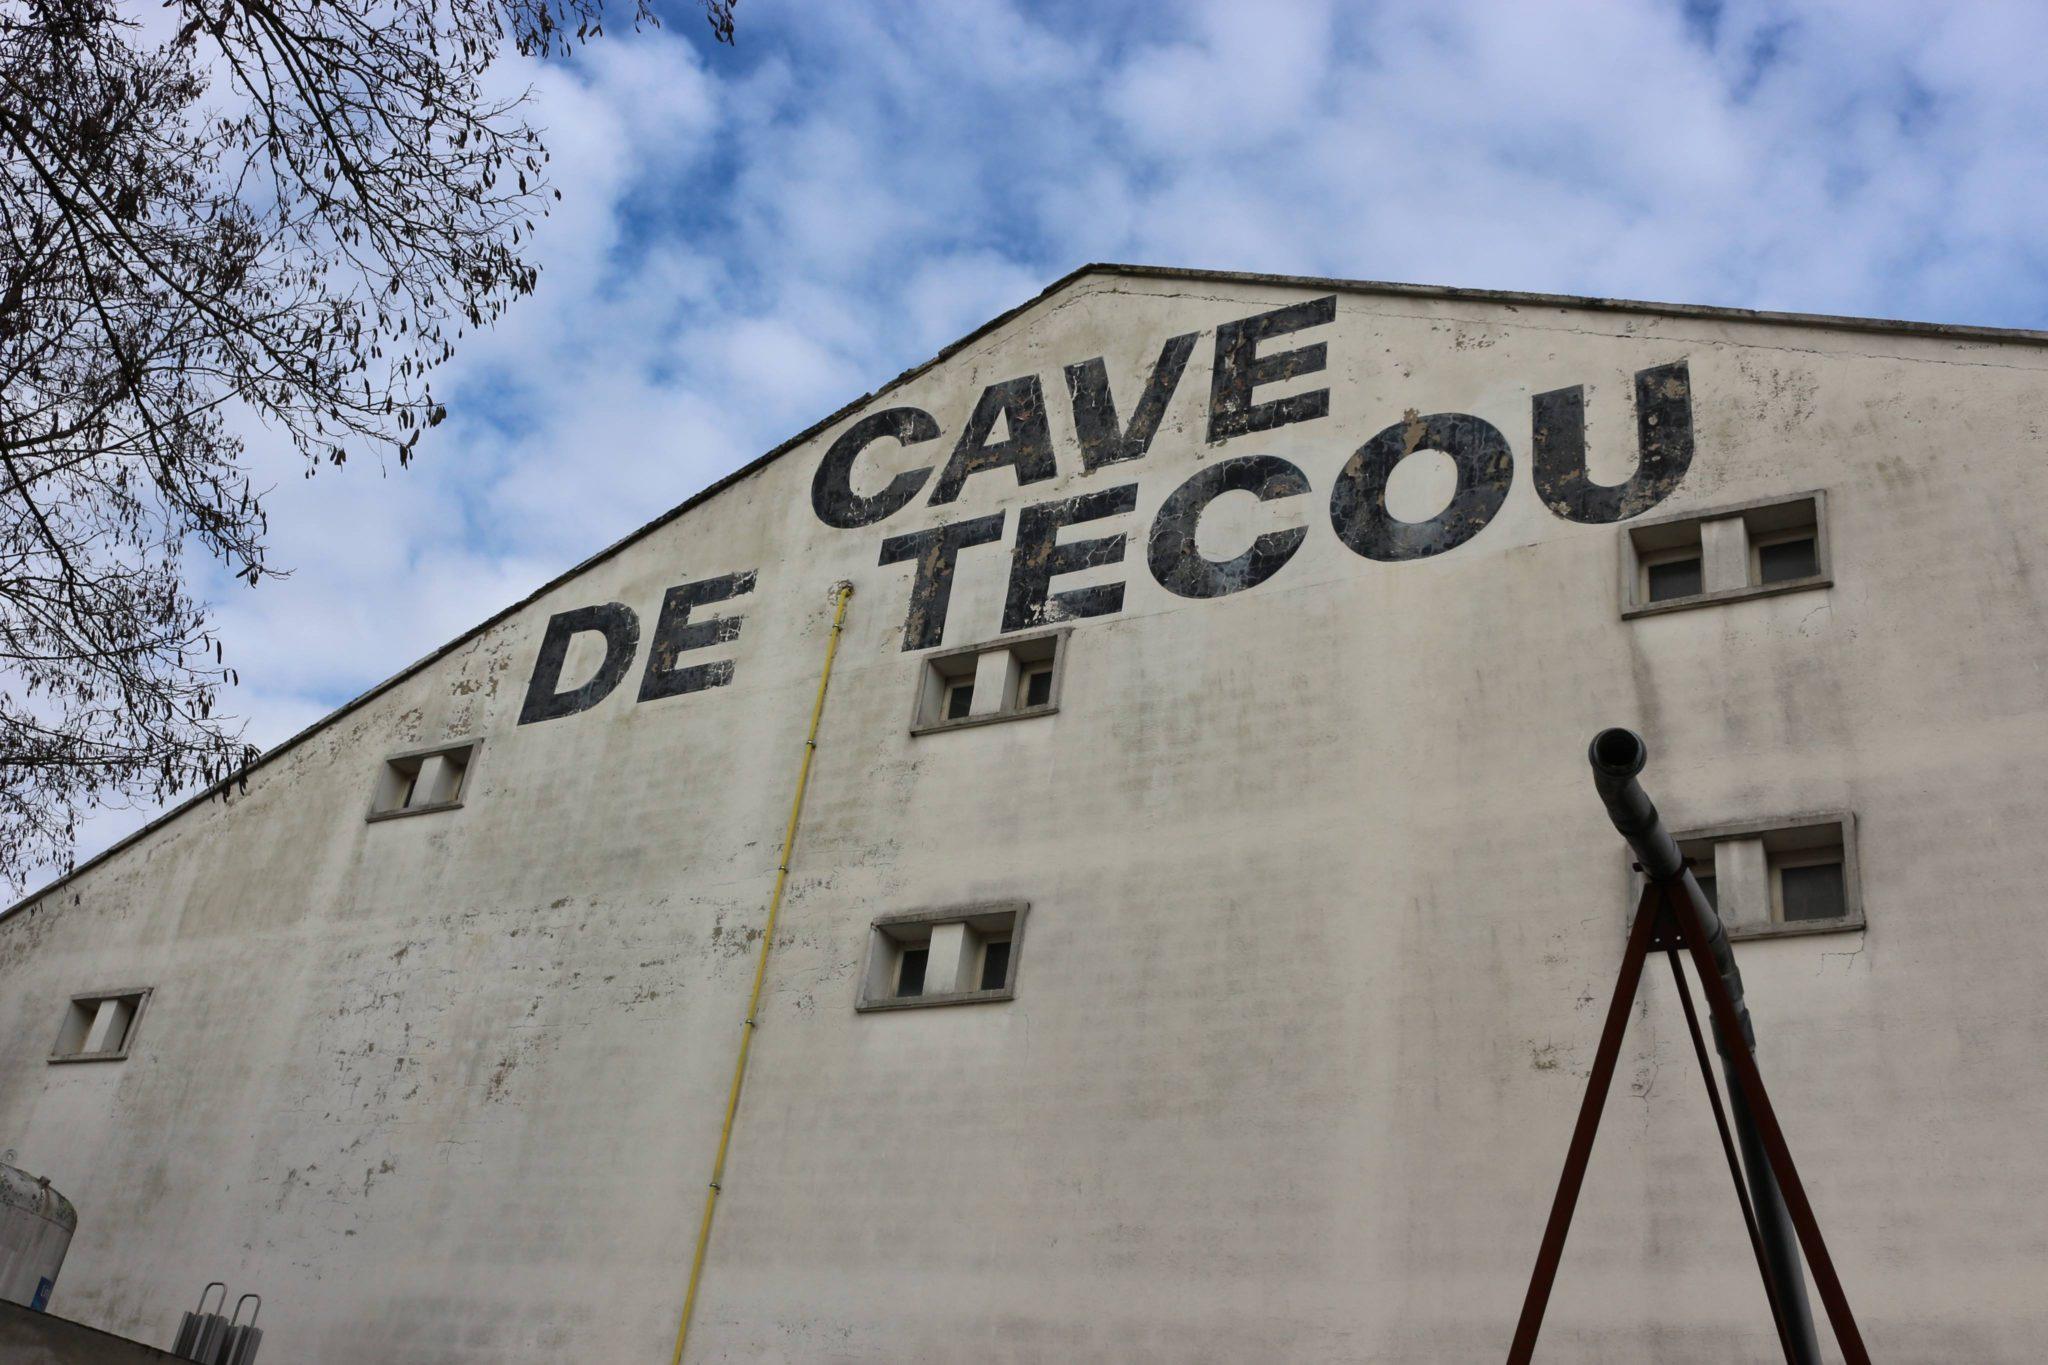 Cave de Técou